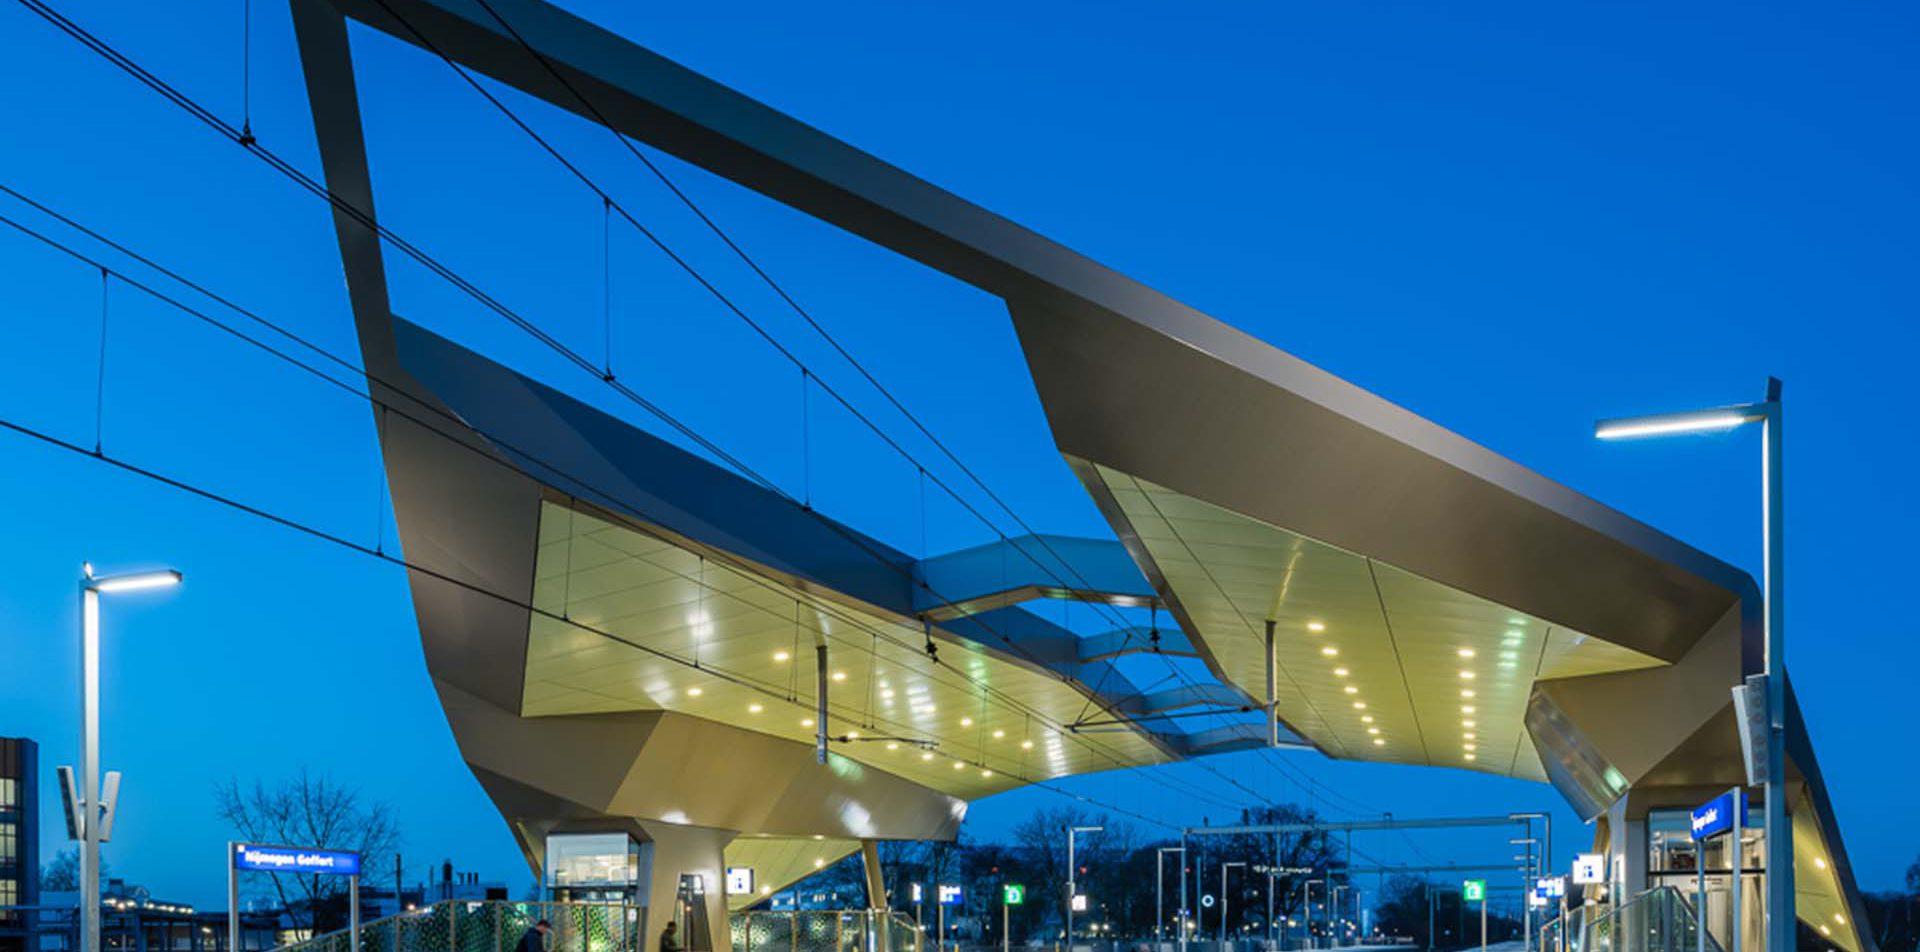 station-nijmegen-goffert-ontworpen-door-architect-paul-en-peter-studiosk-movares-11111-geen-952